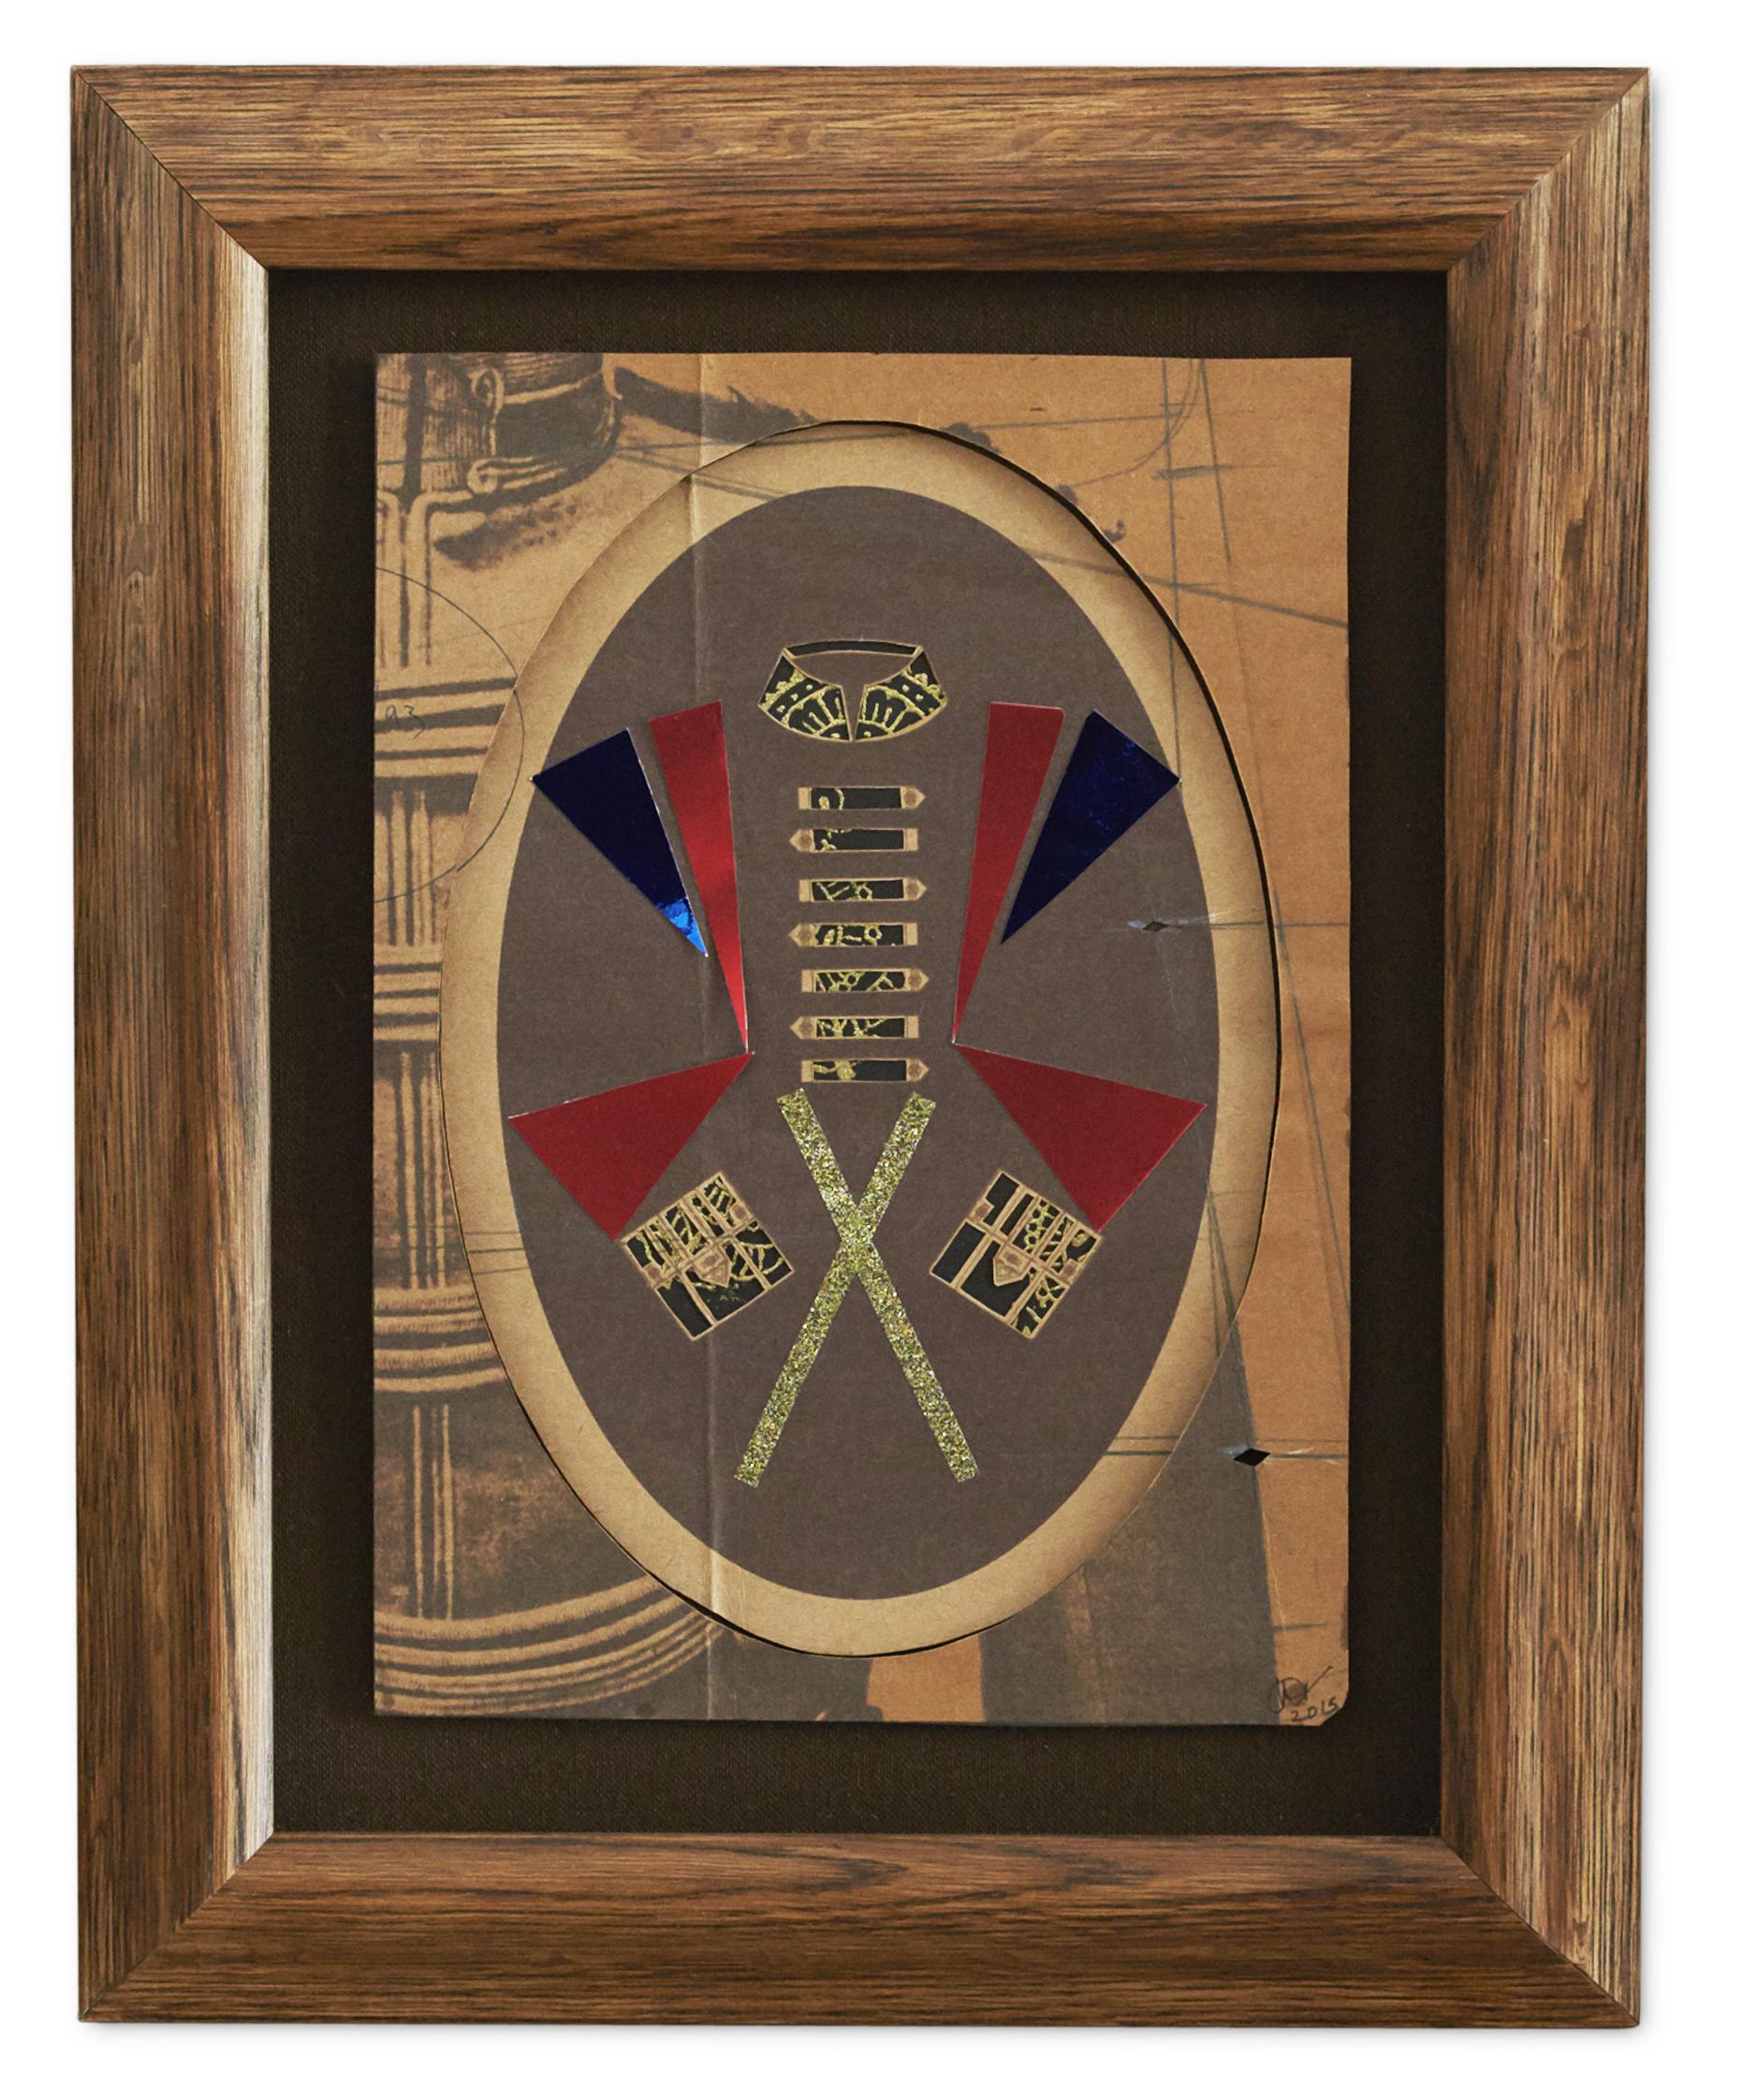 The Officer She had a Love Affair with ,  2015  53.2 x 41.5 cm (framed) £650